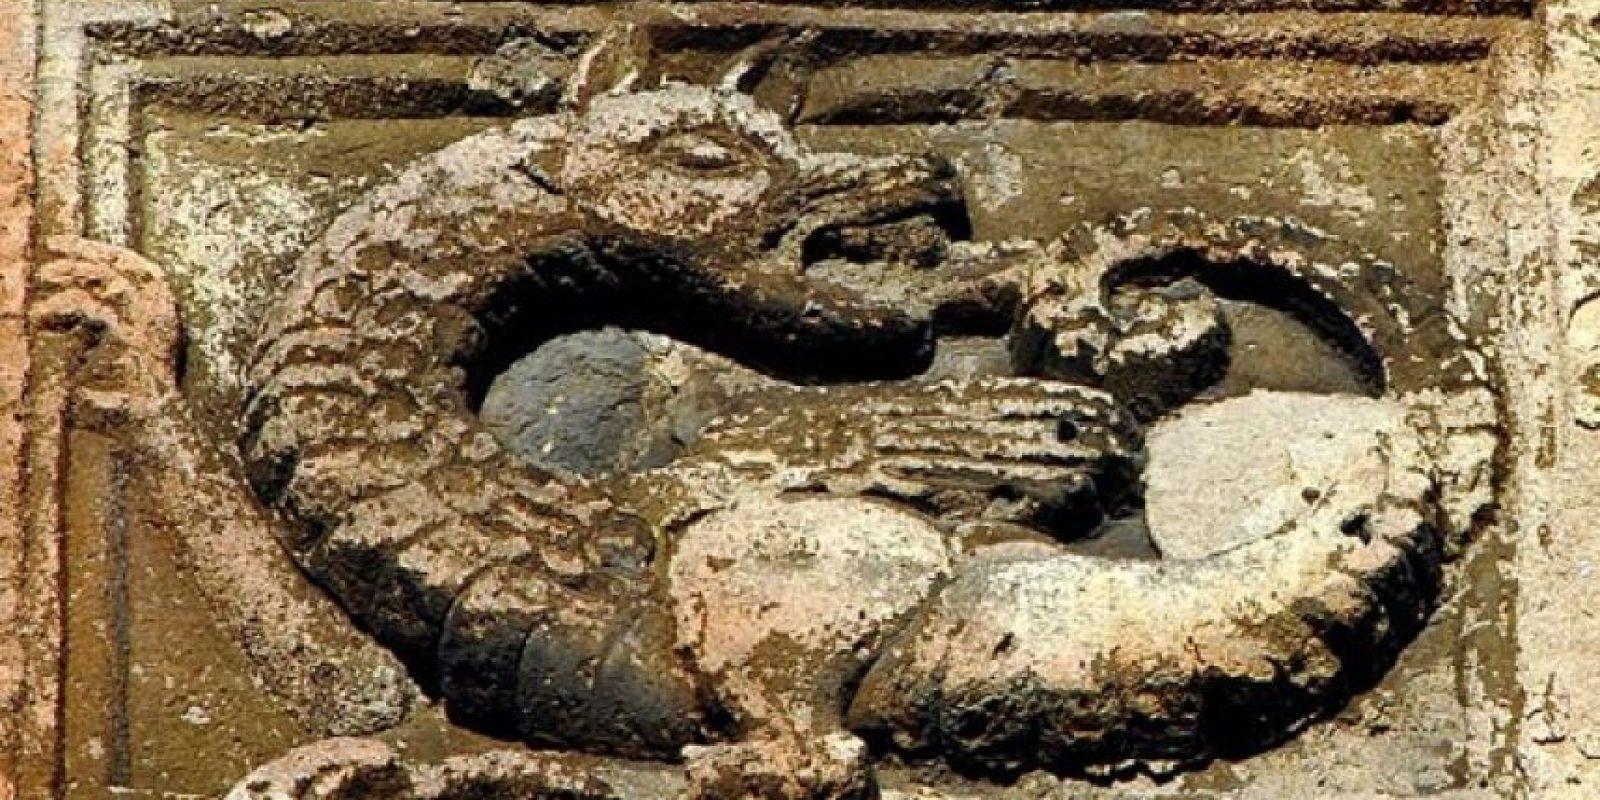 También se han encontrado registros de uróboros en la mitología nórdica. Foto:Wikimedia. Imagen Por: